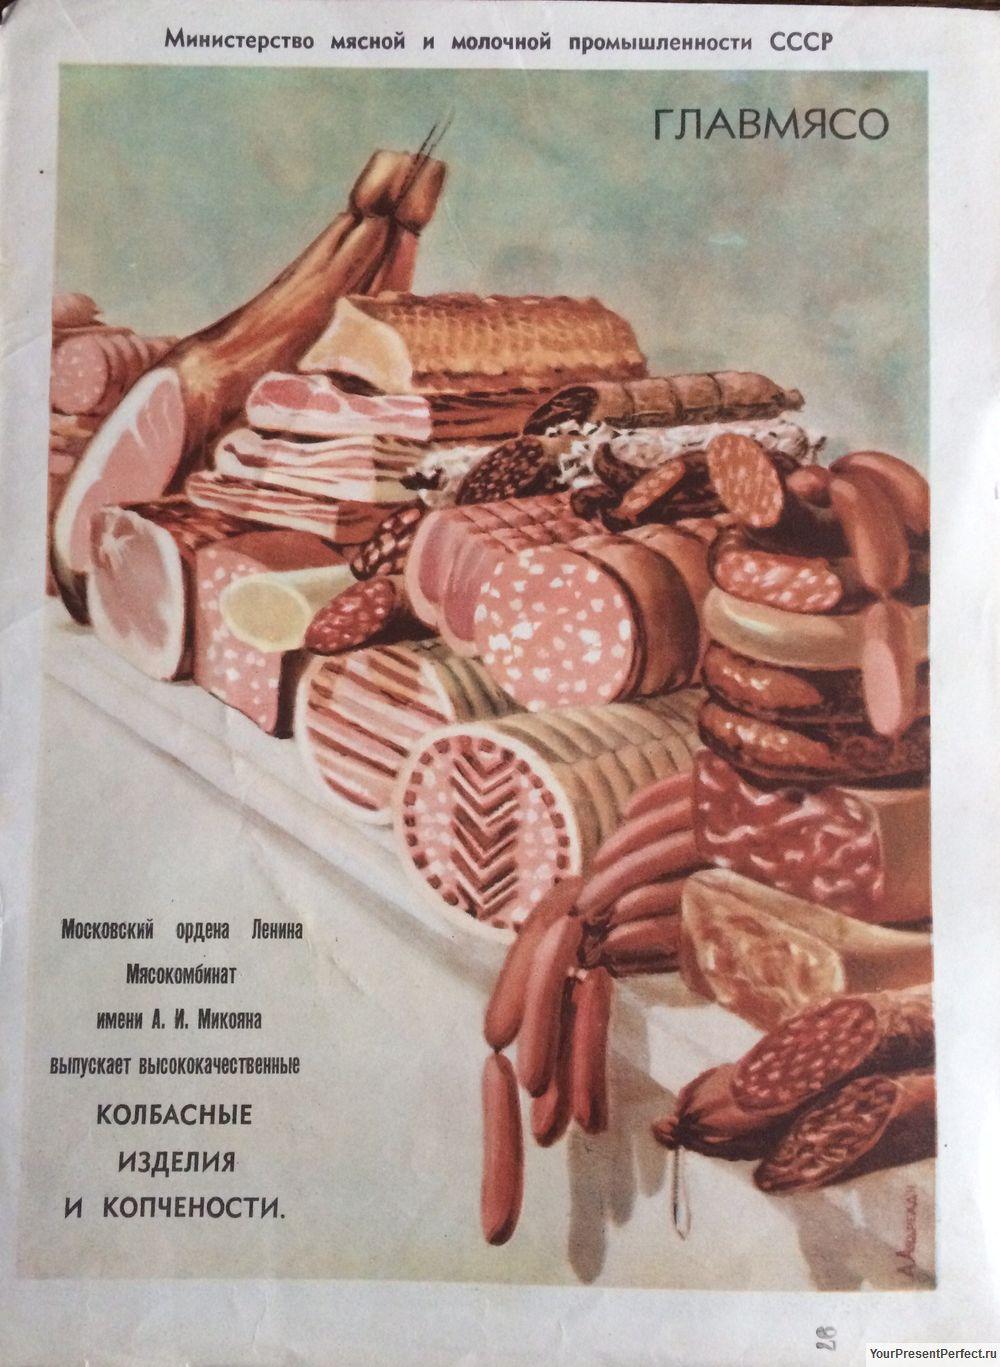 Реклама. ГЛАВМЯСО. Колбасные изделия и копчености.